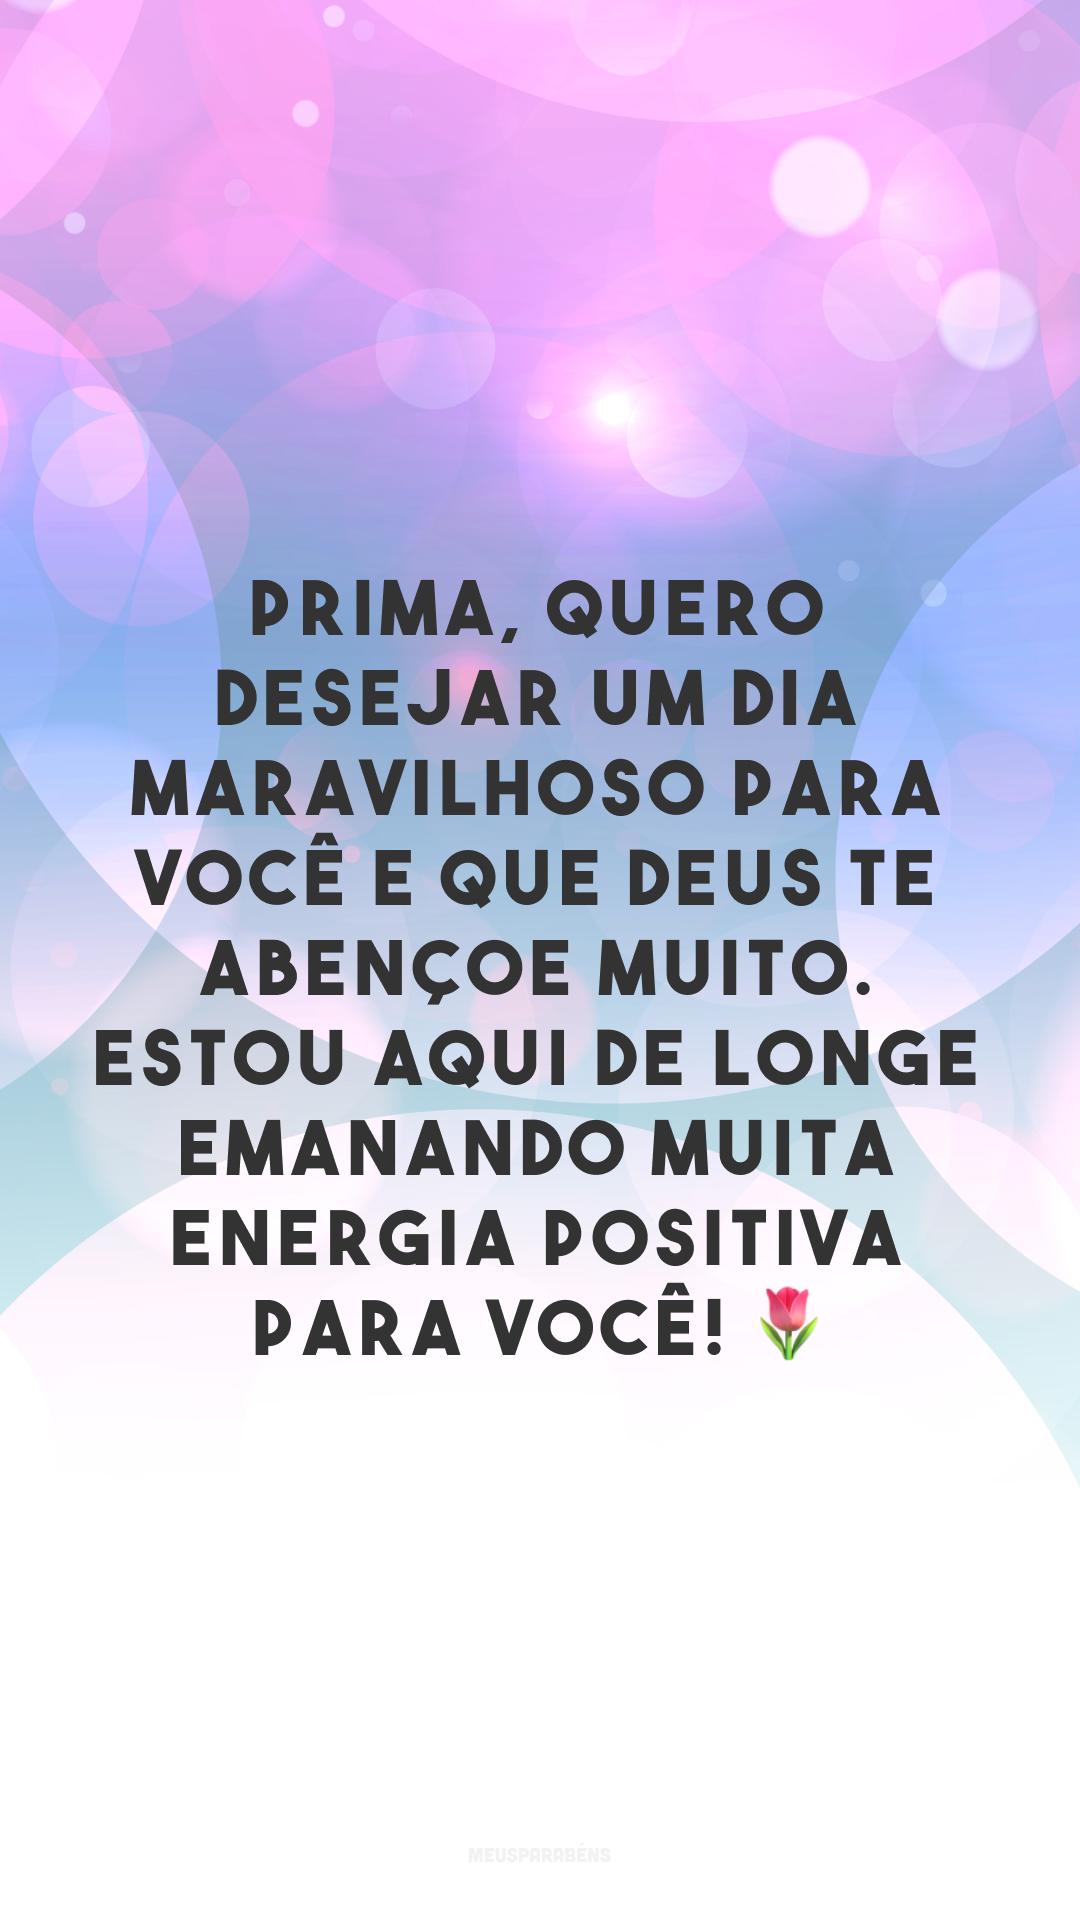 Prima, quero desejar um dia maravilhoso para você e que Deus te abençoe muito. Estou aqui de longe emanando muita energia positiva para você! ?